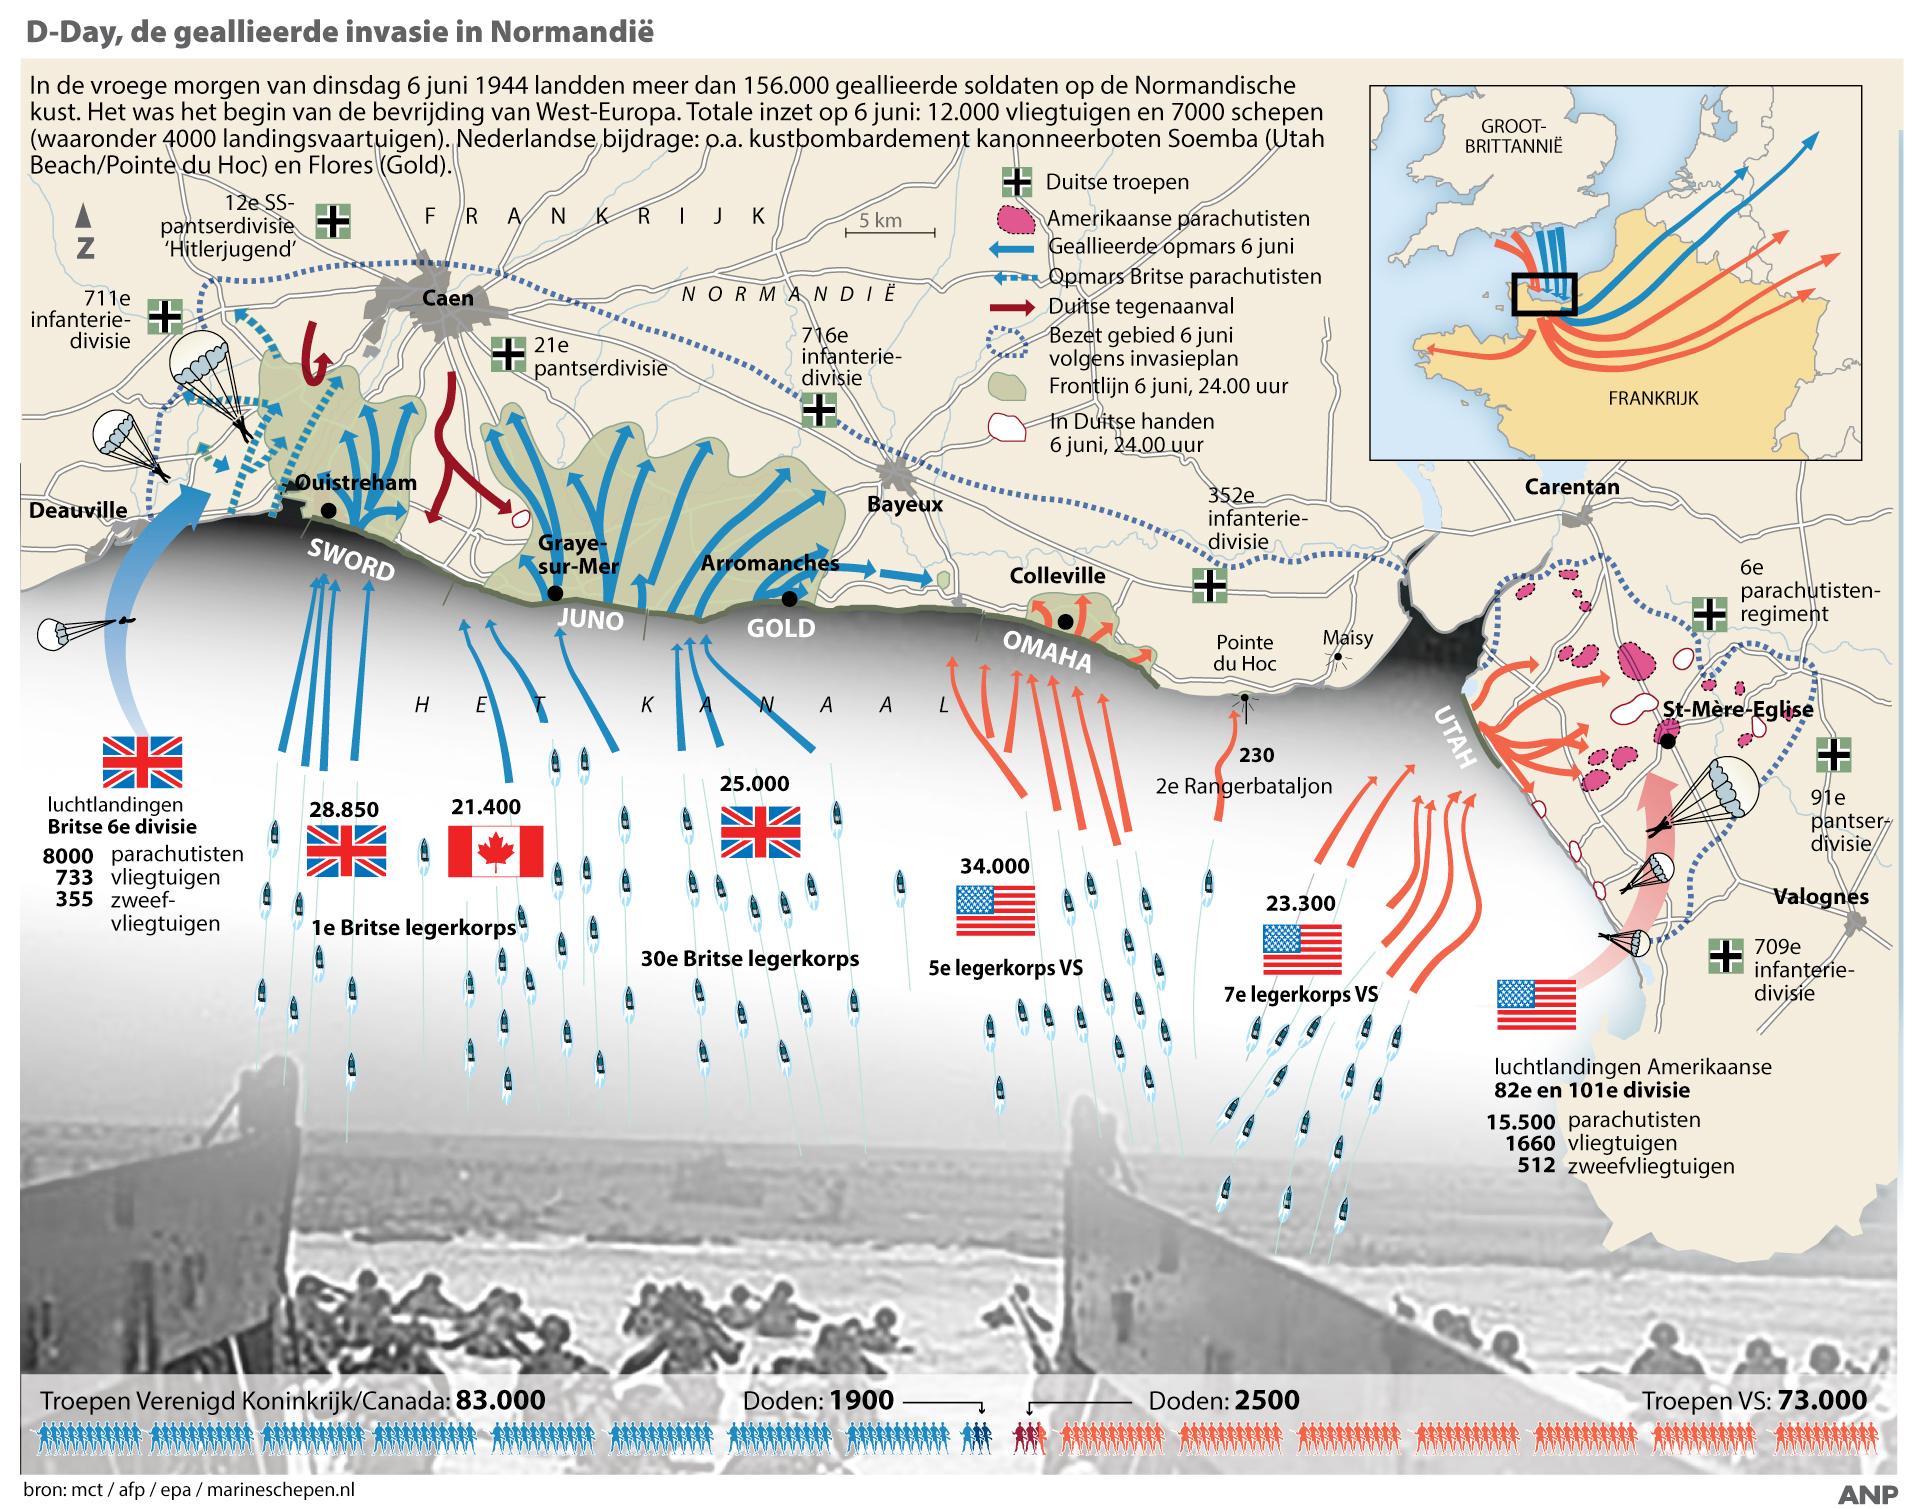 75 jaar na D-Day: doedelzakken en papavers